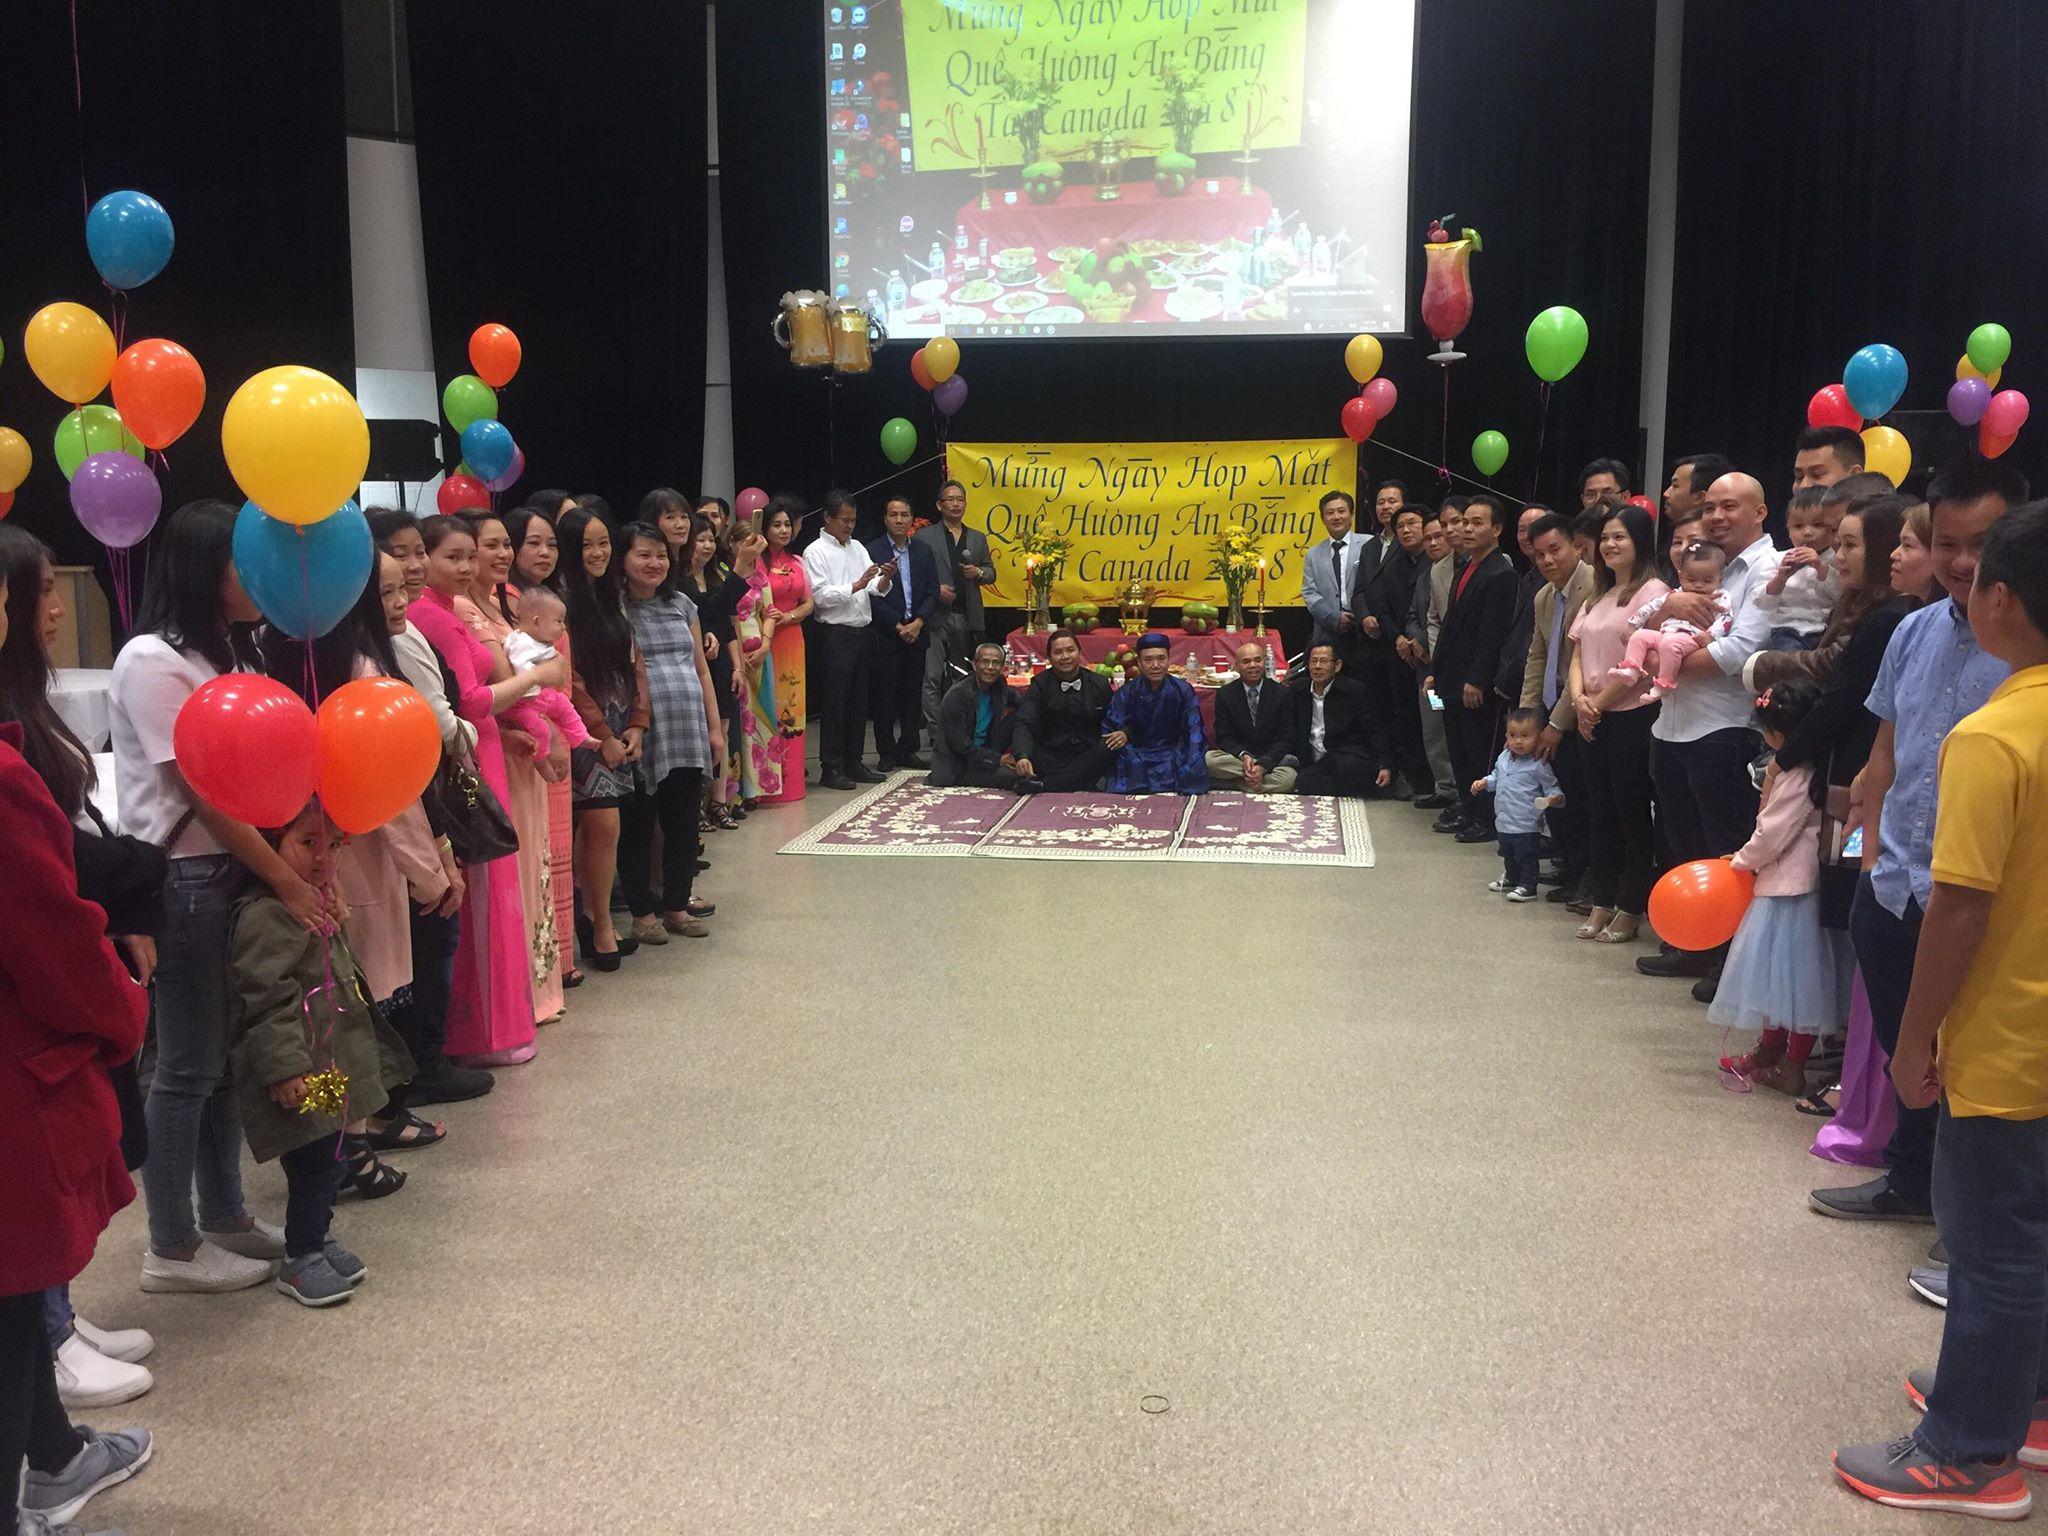 Người An Bằng Tại Canada Họp Mặt 2018